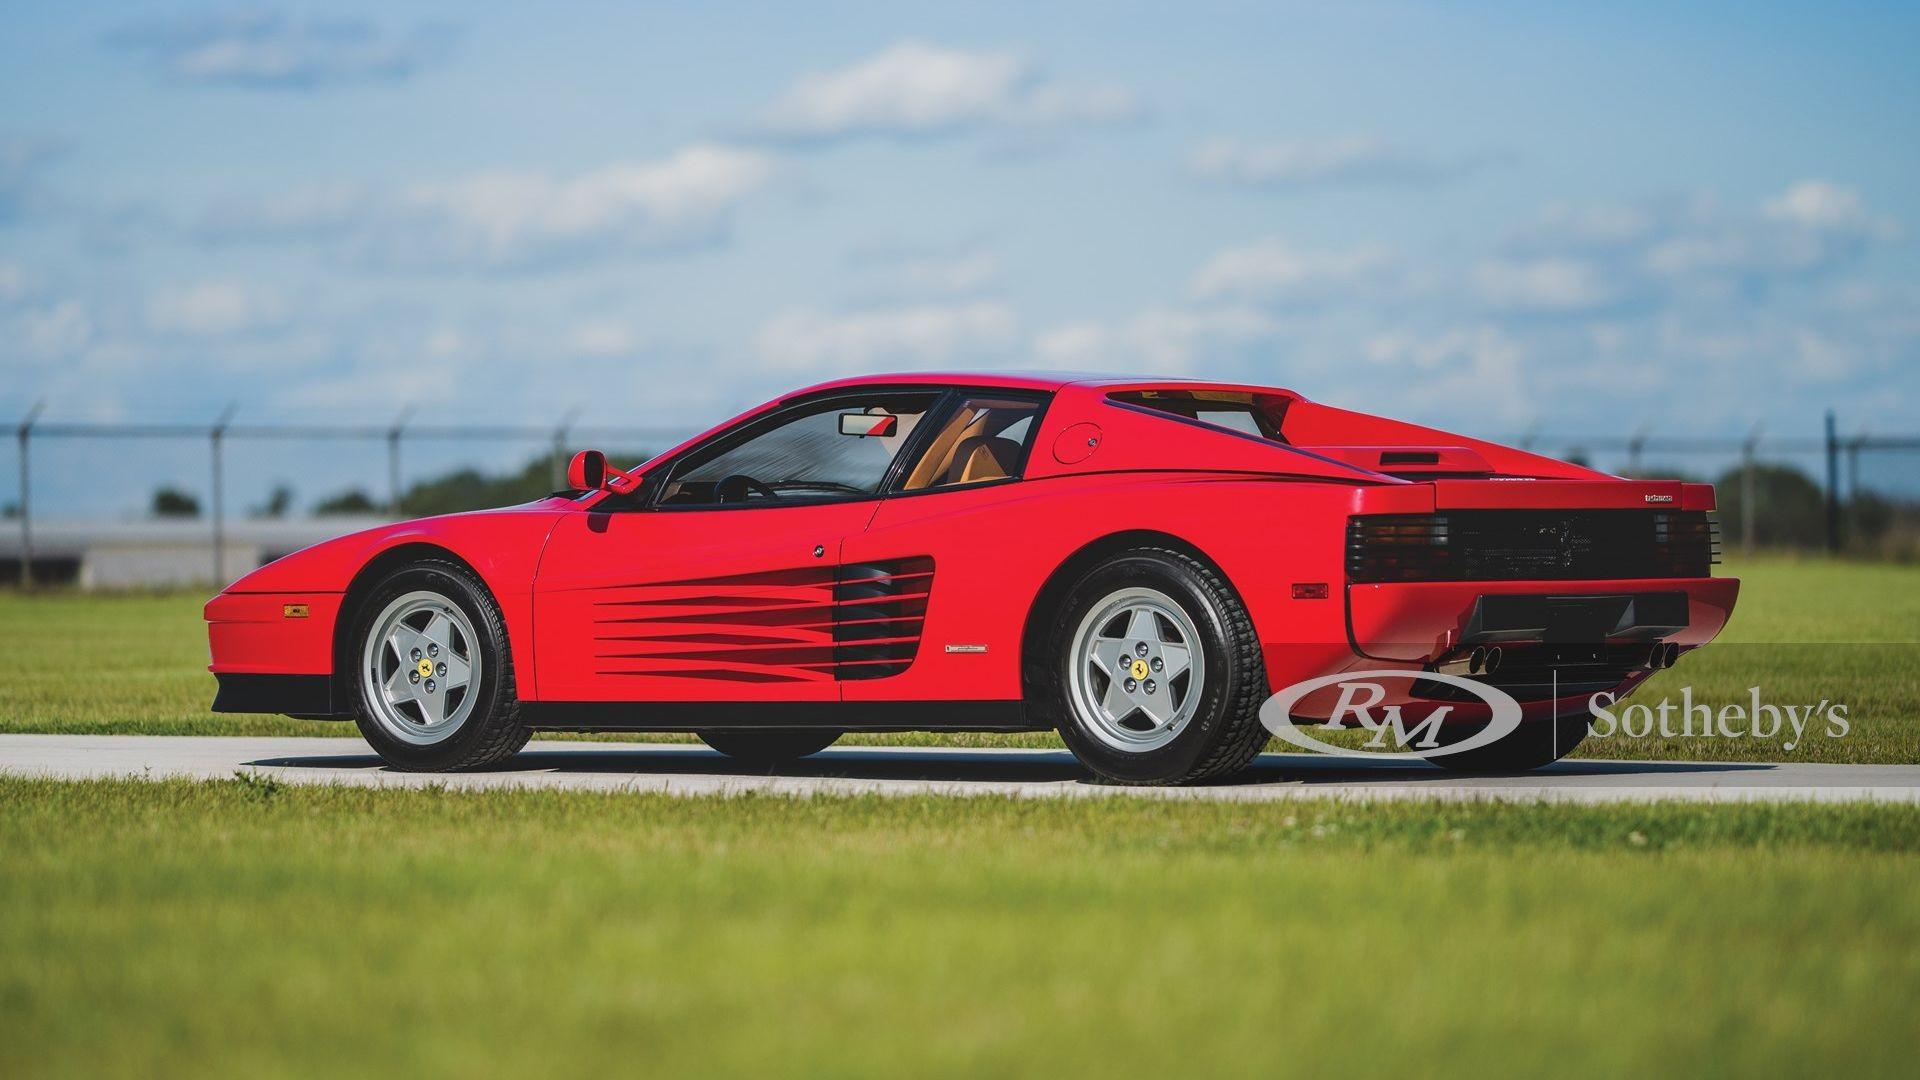 Легендарная Ferrari Testarossa с маленьким пробегом выставлена на продажу